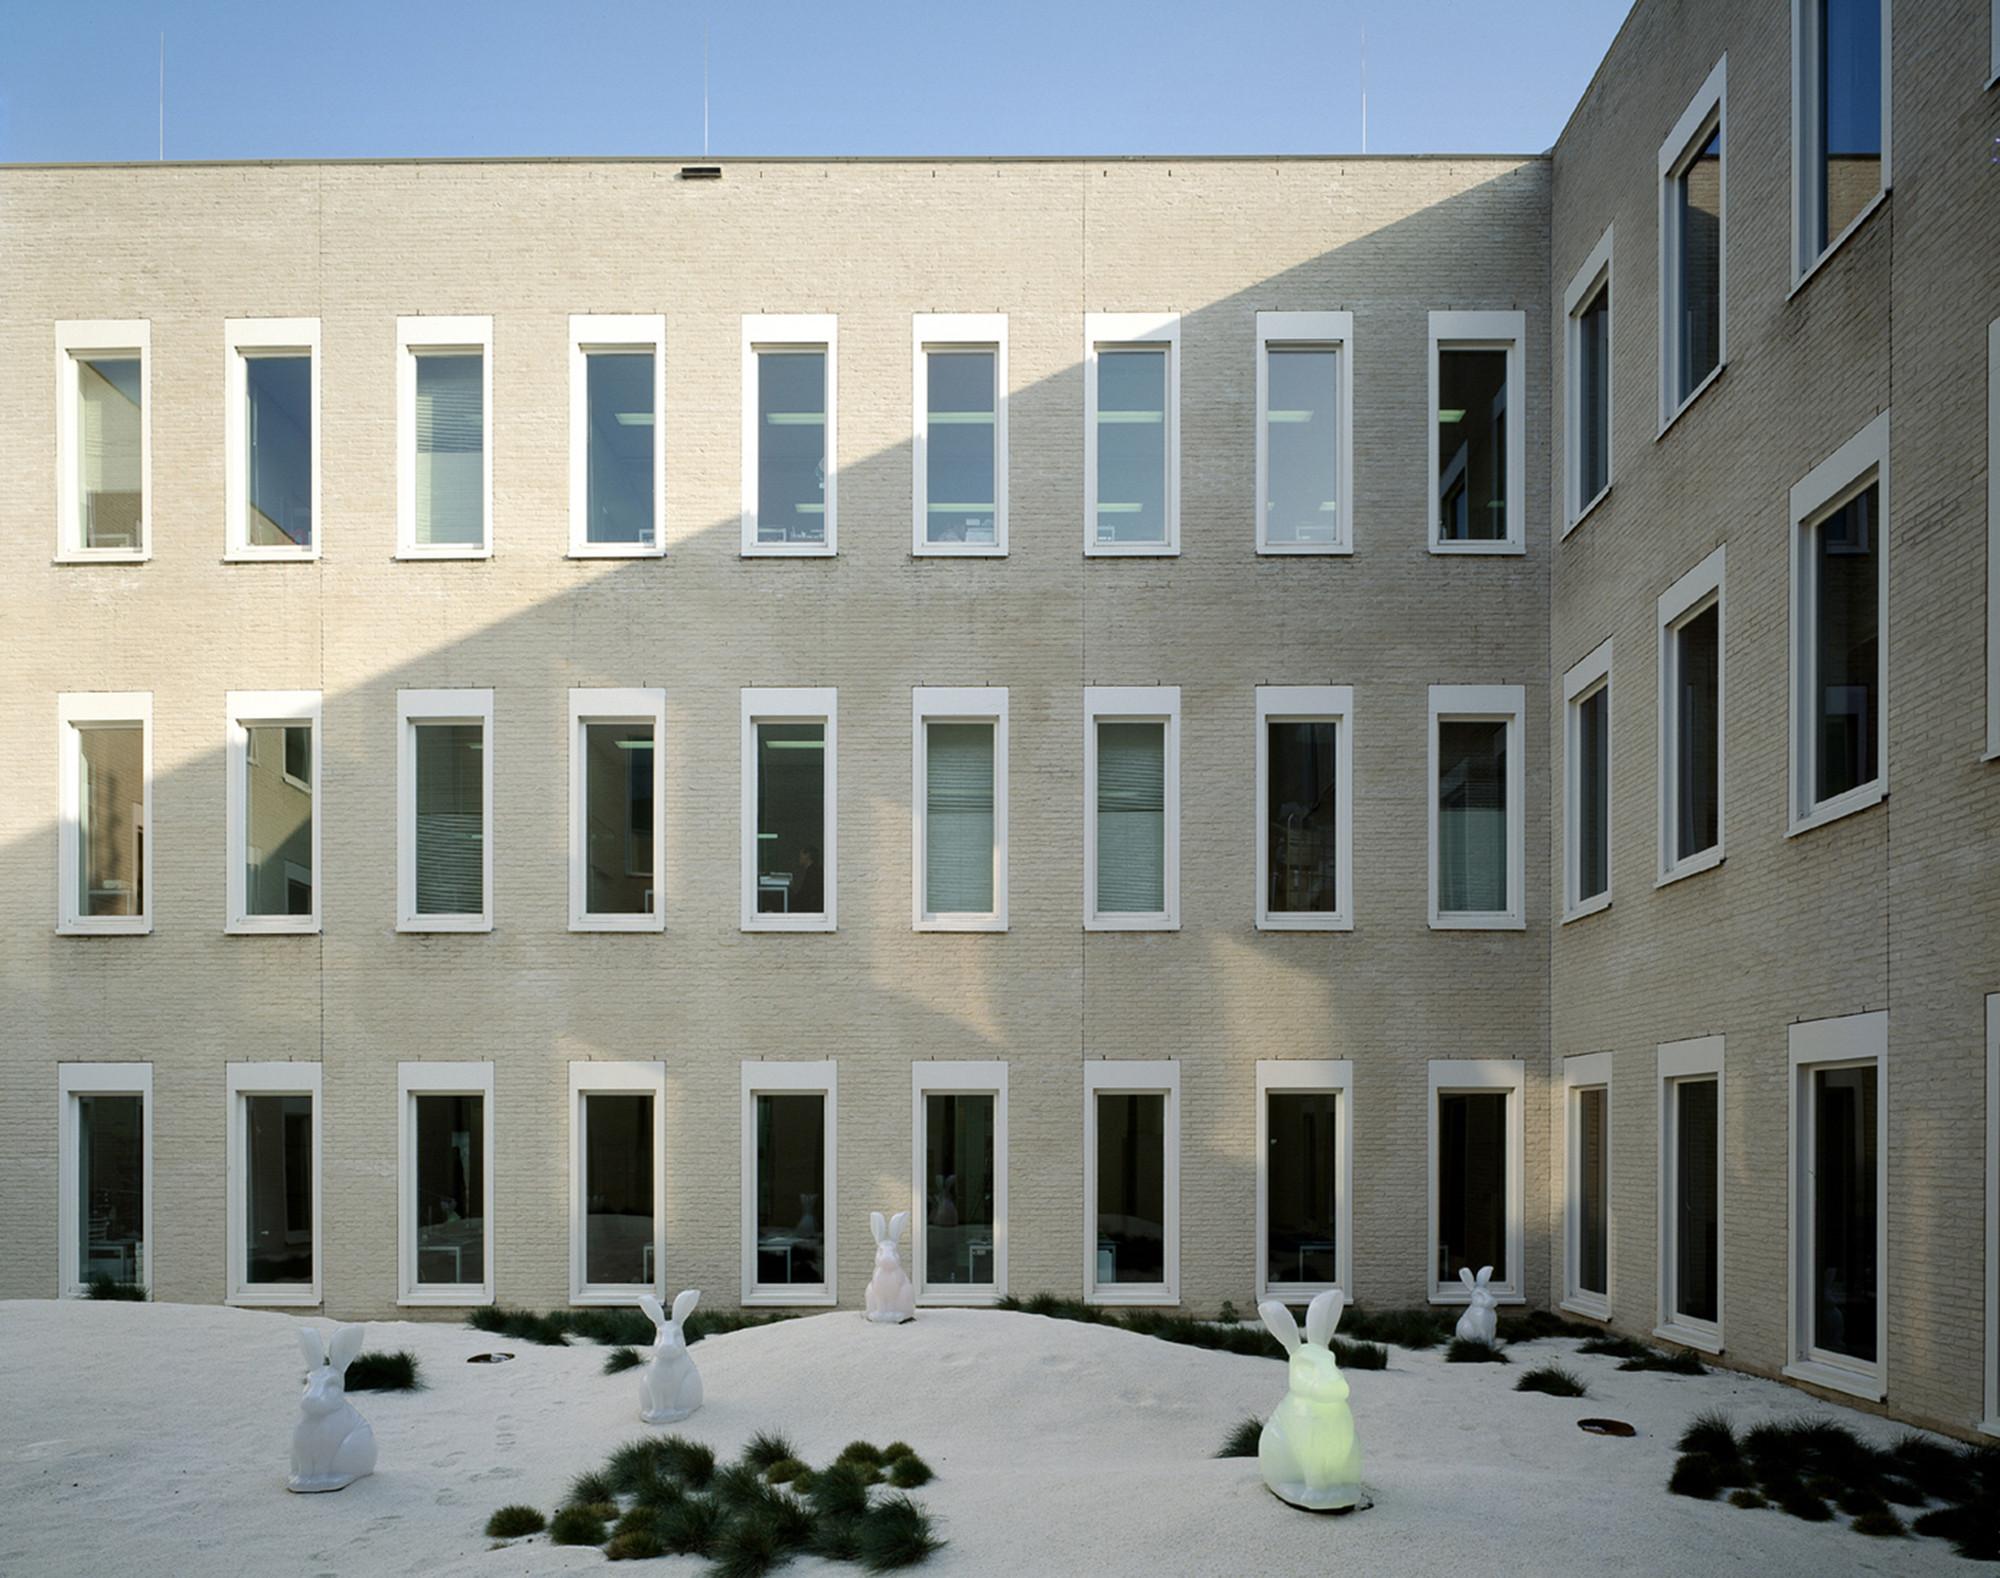 Instituo Forense de Holanda / Claus en Kaan Architecten